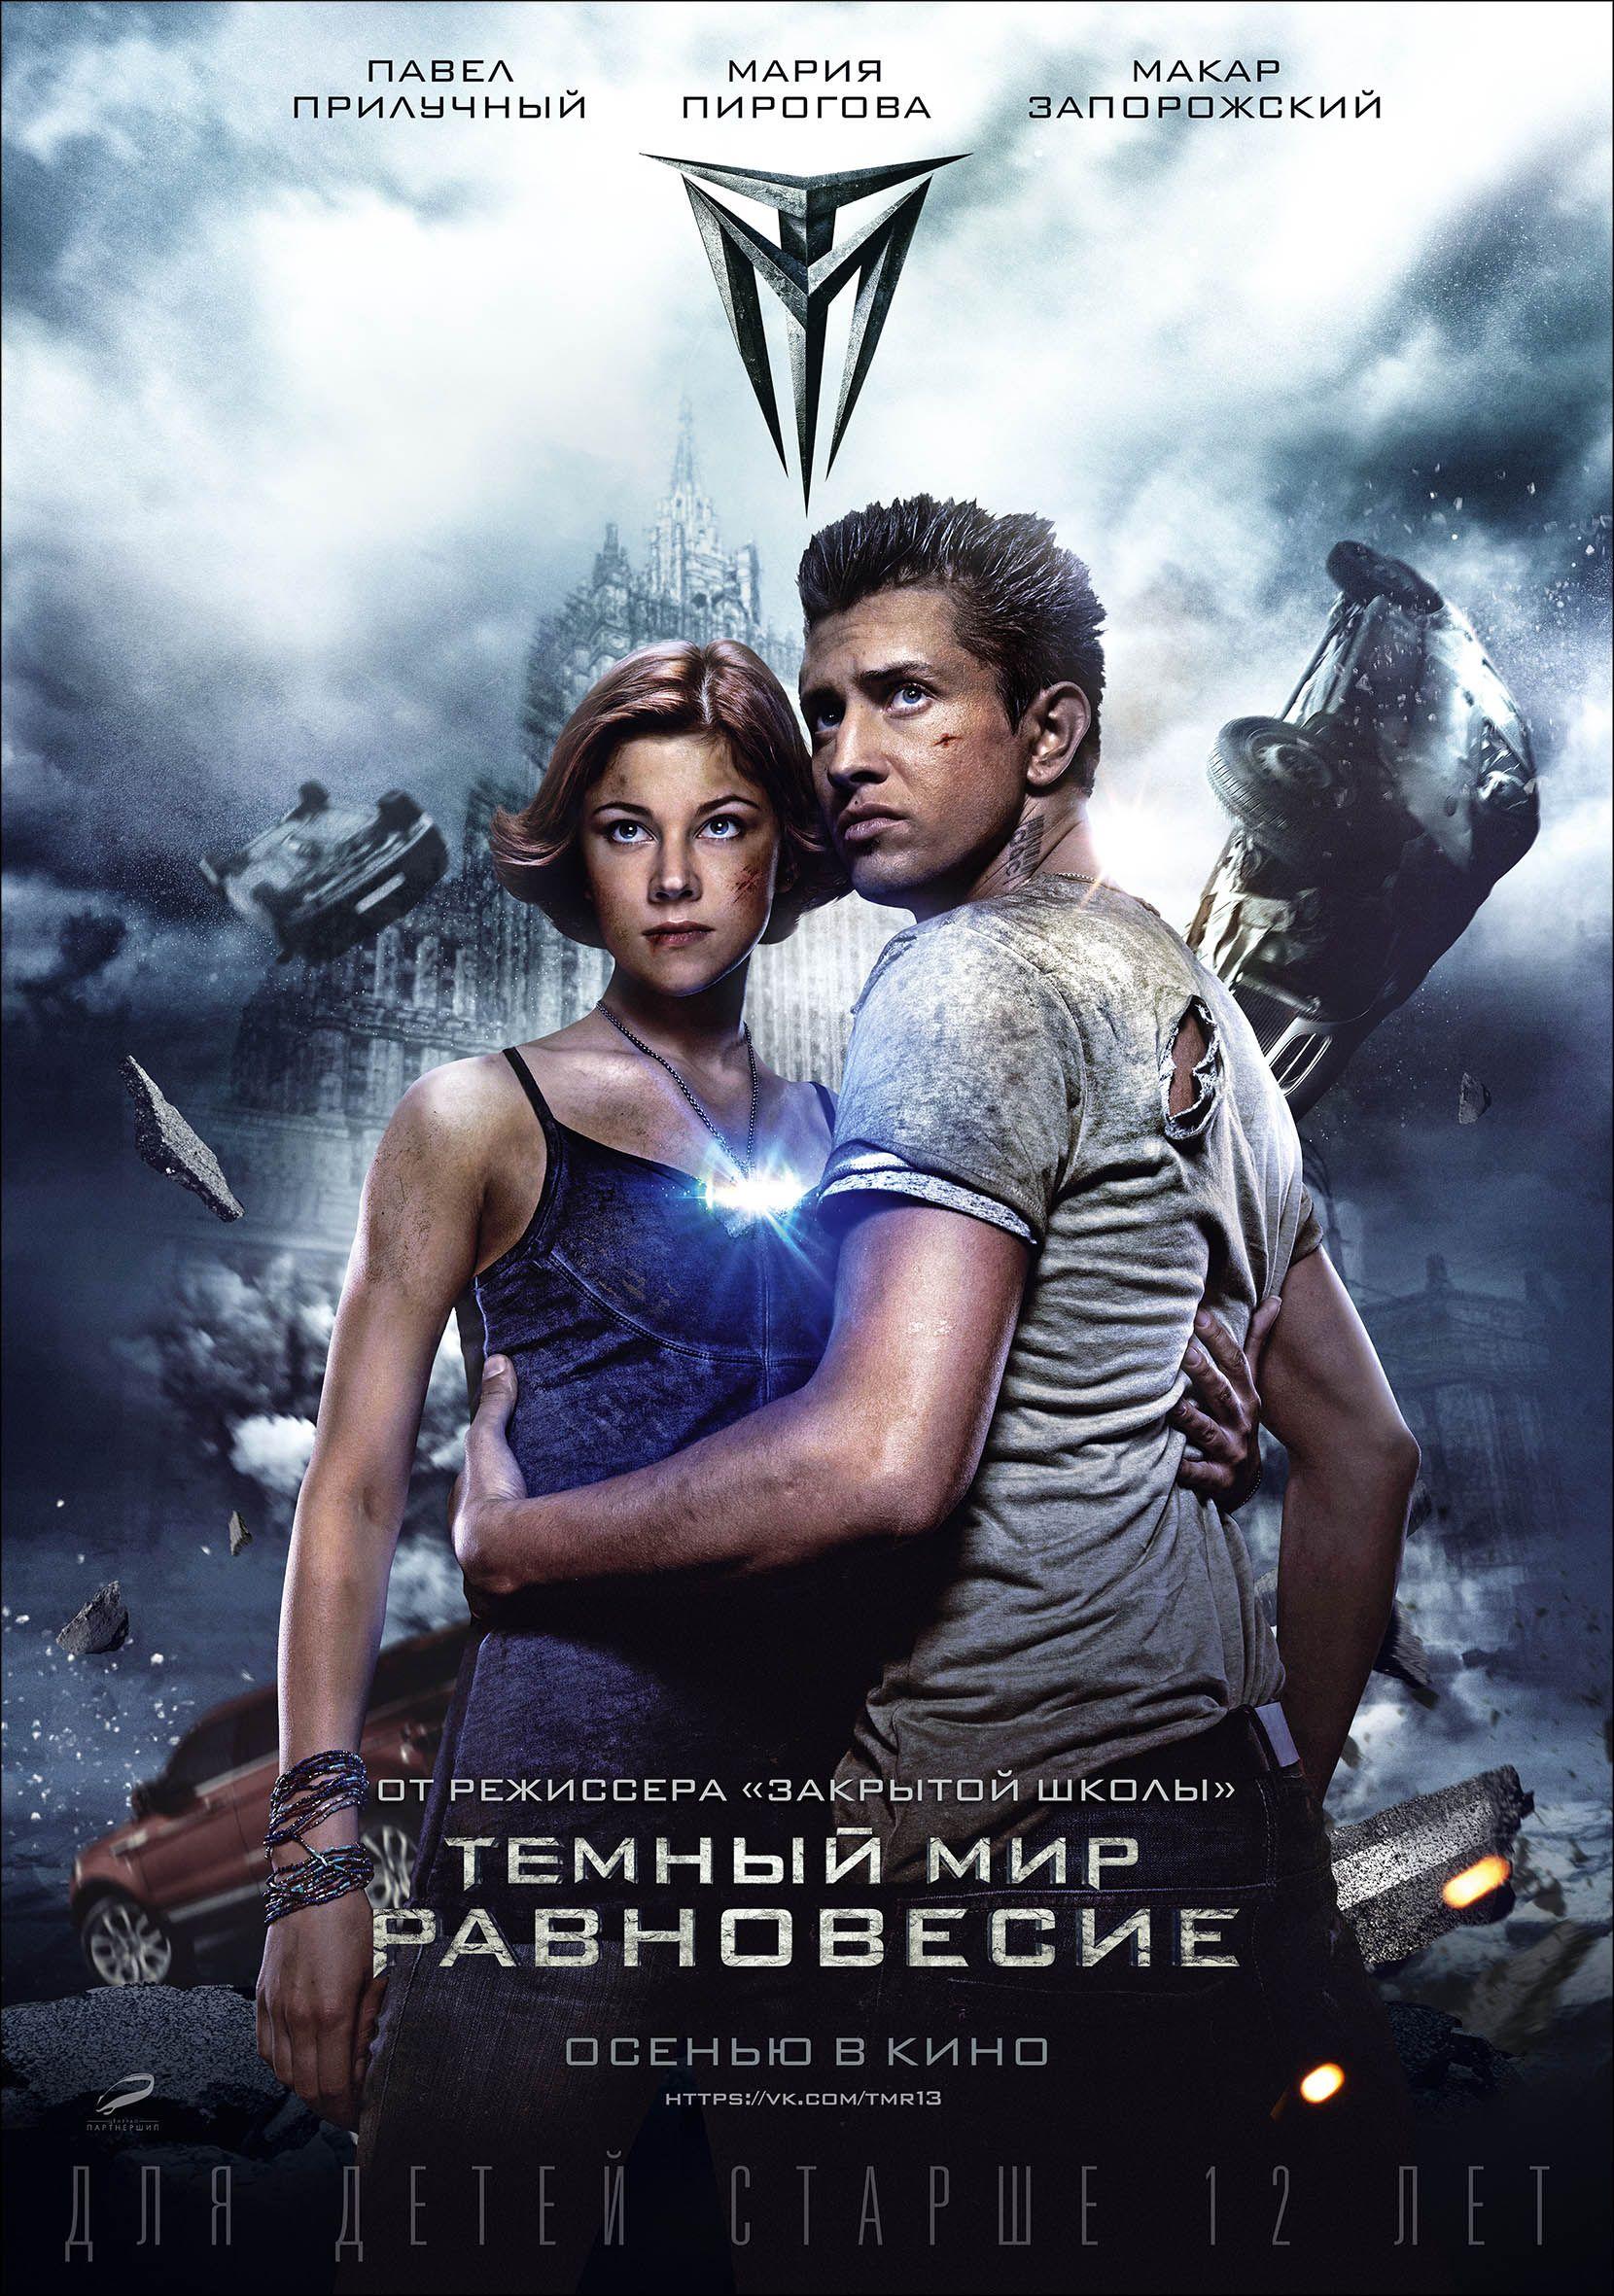 «Смотреть Фильм Тёмный Мир Равновесие Онлайн В Hd 720» — 2013